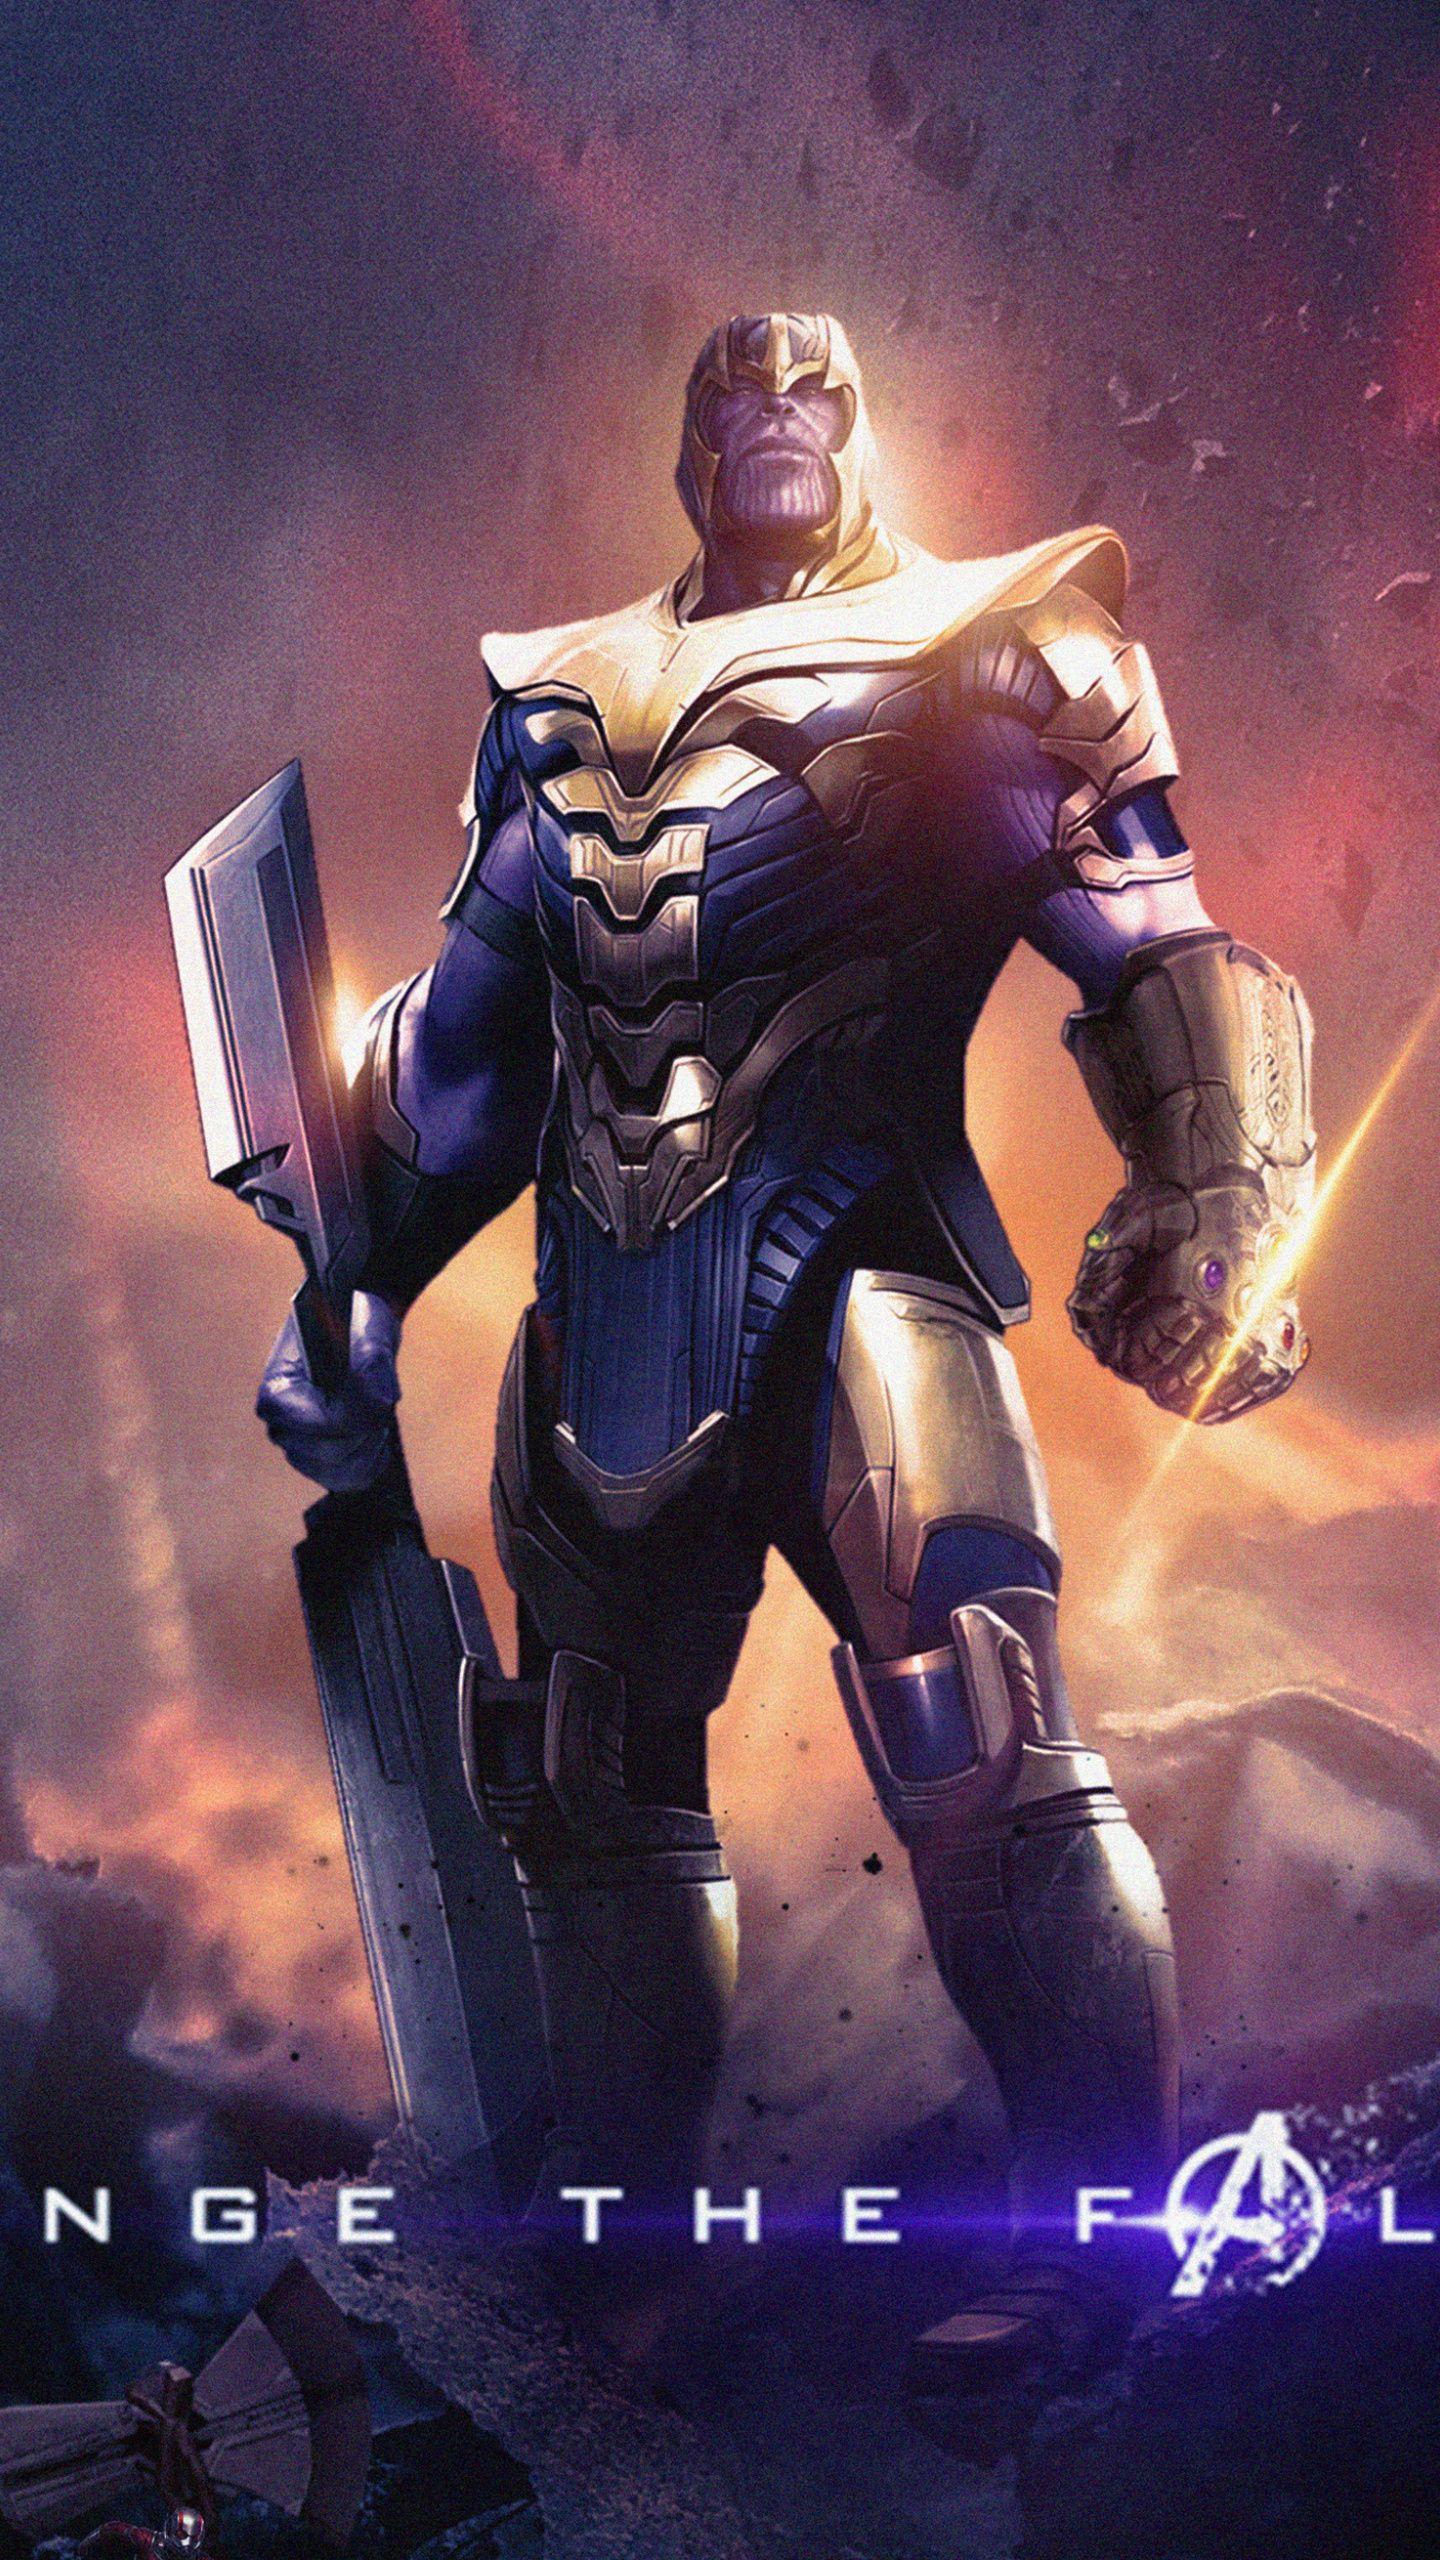 1440x2560 Thanos Avengers Endgame Villain Wallpaper Marvel Superhero Posters Marvel Villains Marvel Superheroes